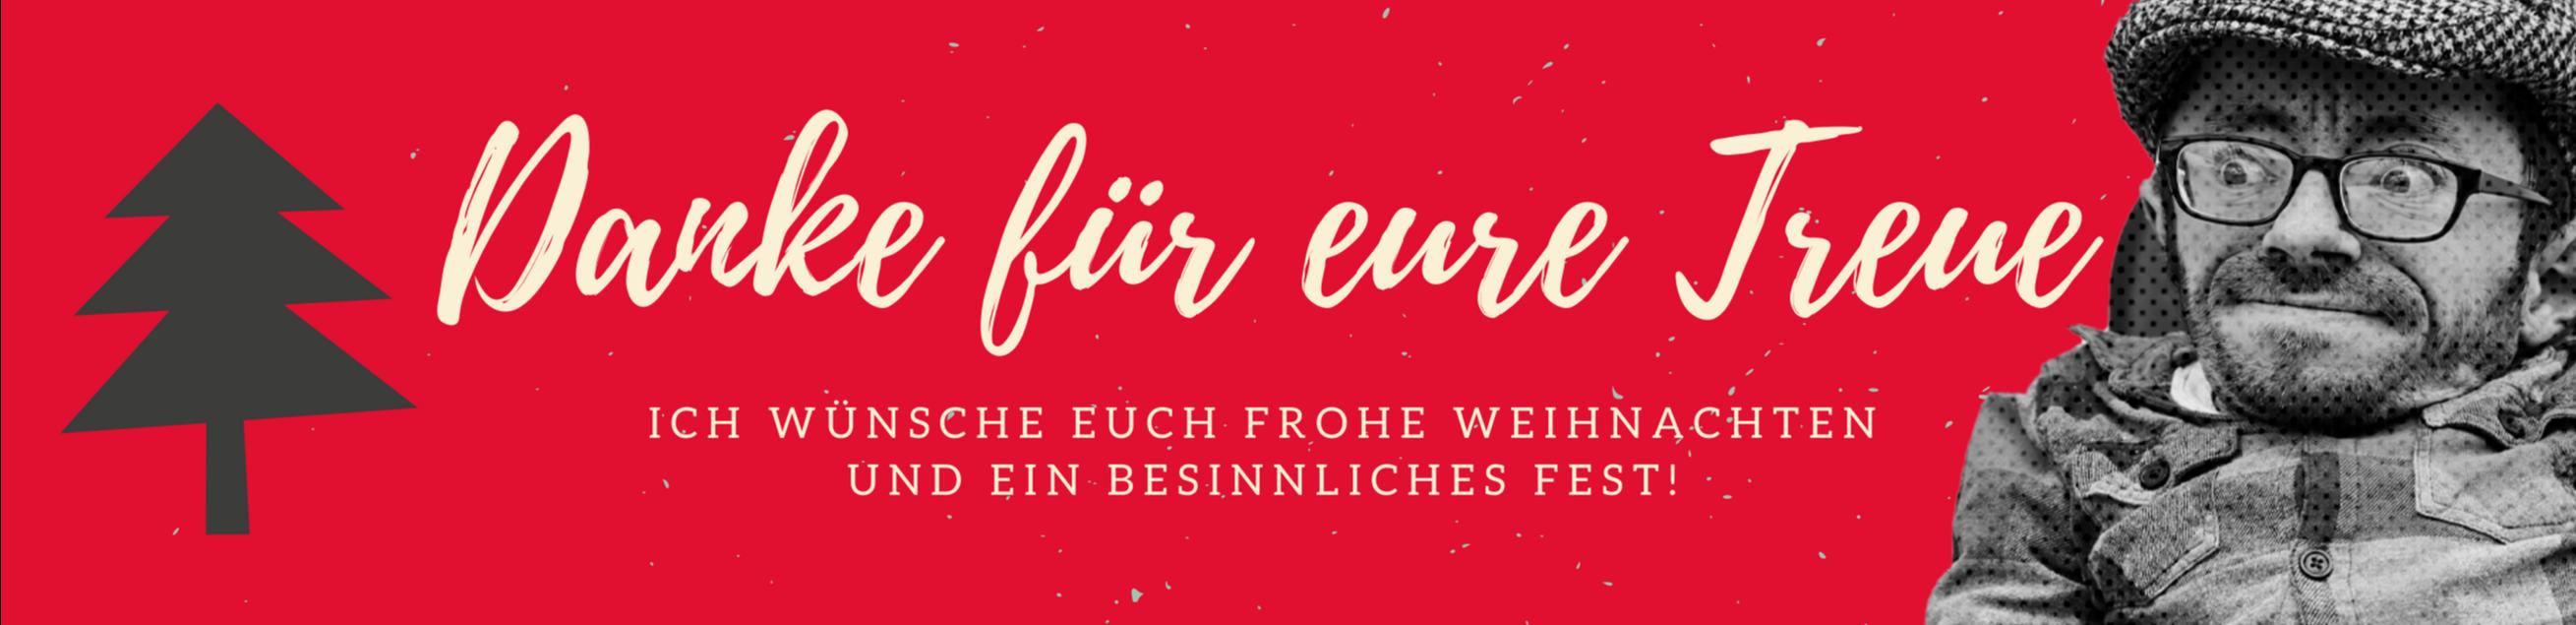 Danke für eure Treue. Ich wünsche euch Frohe Weihnachten und ein besinnliches Fest!